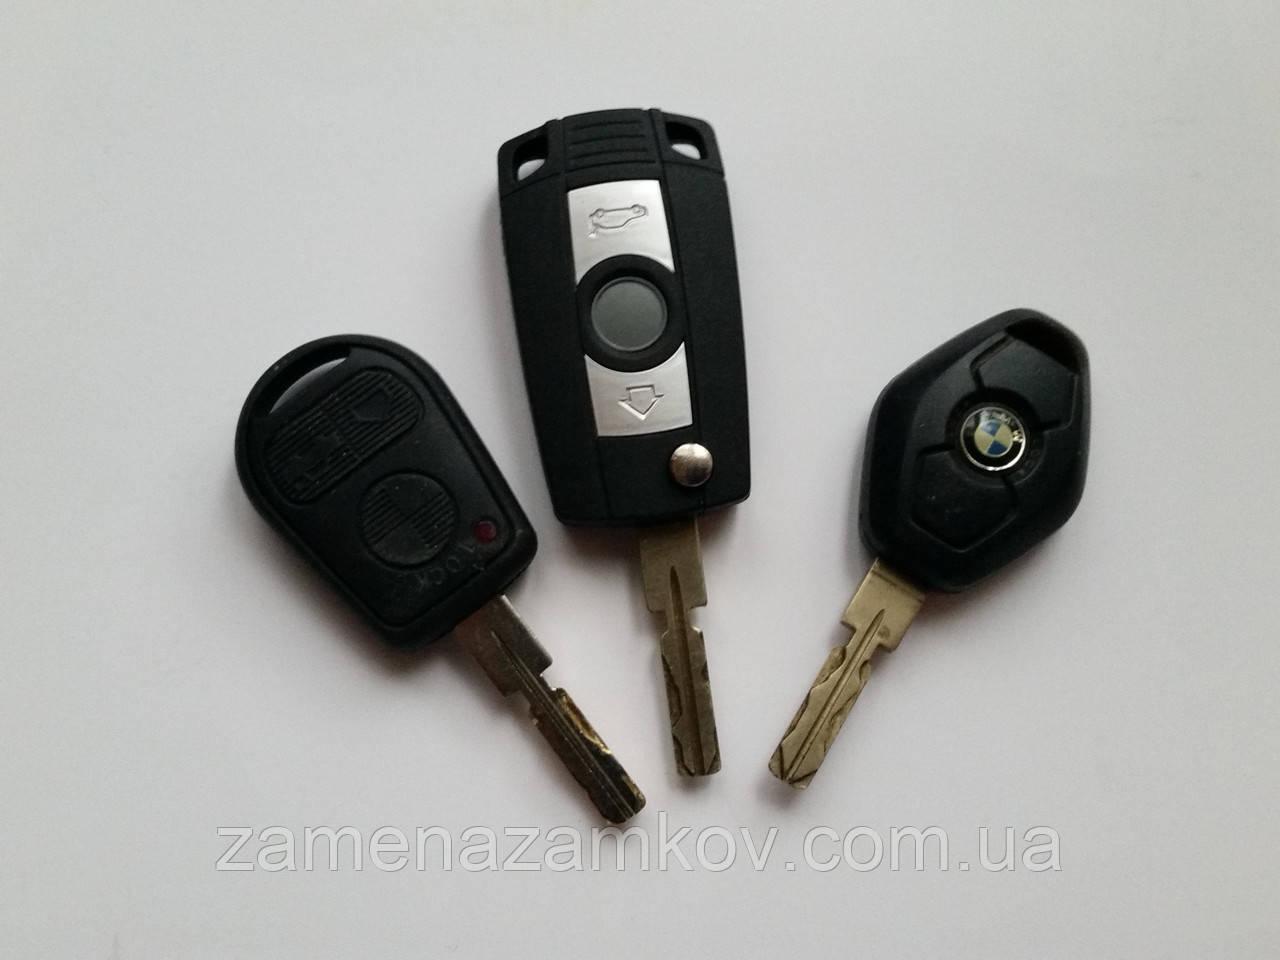 Захлопнулась дверь авто, ключи в замке зажигания или в багажнике - как открыть машину Киев Крюковщина Тарасовк